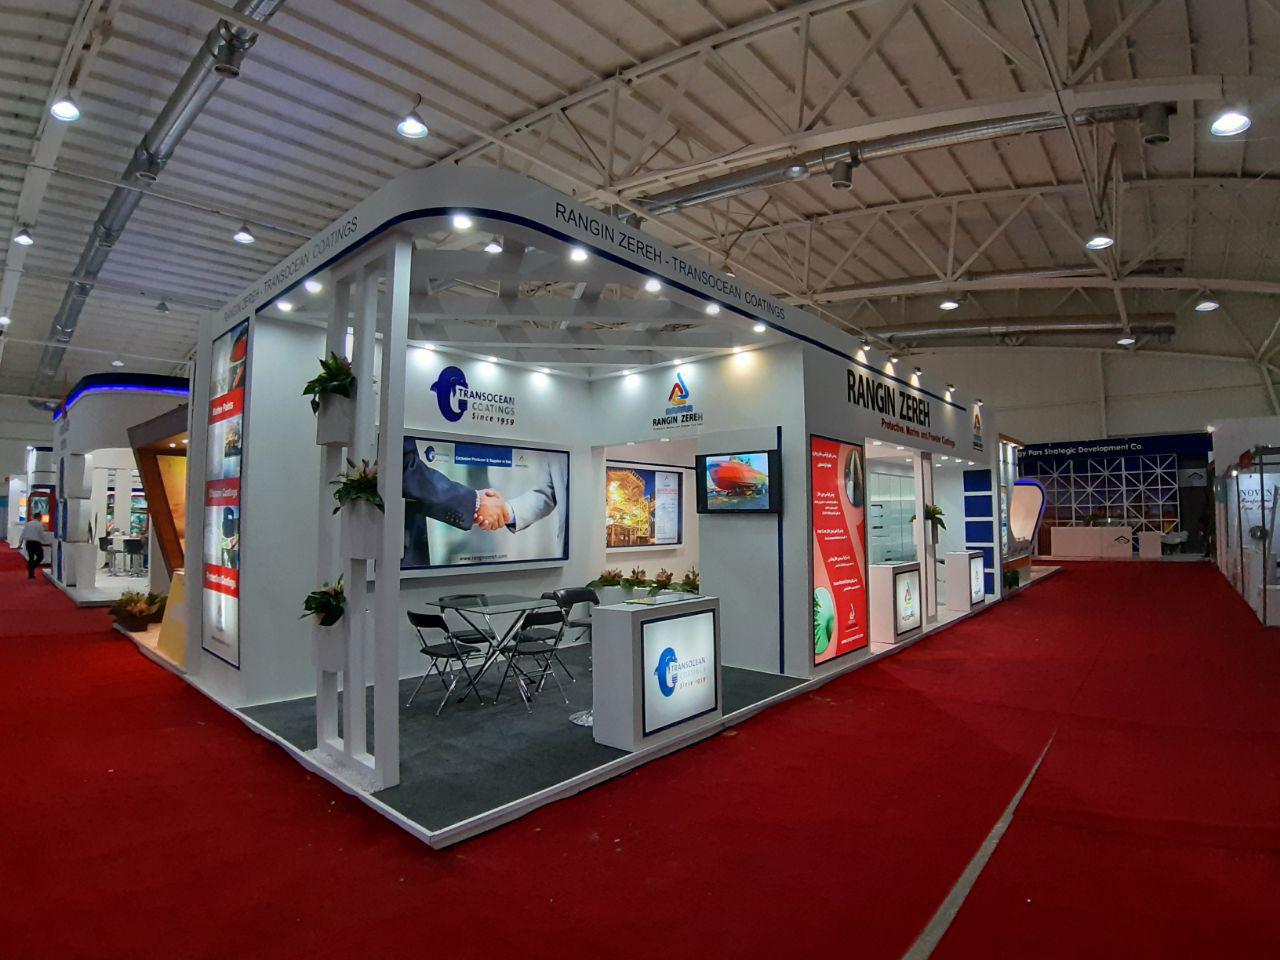 طراحی و ساخت غرفه شرکت رنگین زره